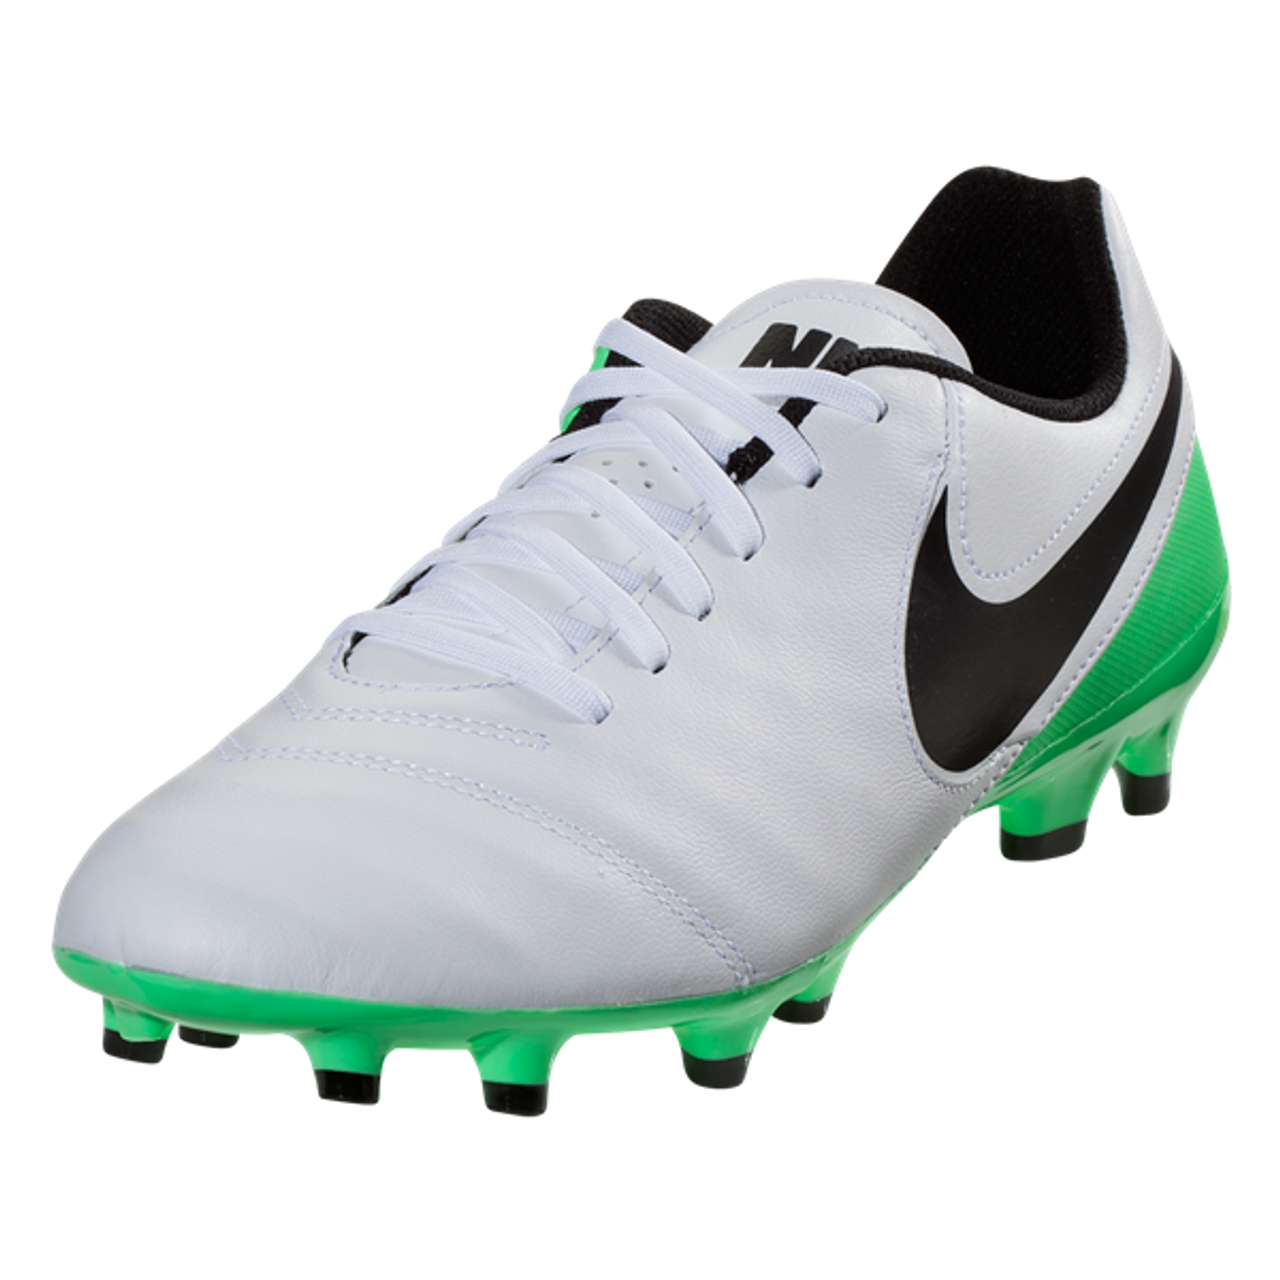 1d3bfa785d6d1 Nike Tiempo Genio II Leather FG - White Black Electro Green(41917) - ohp  soccer